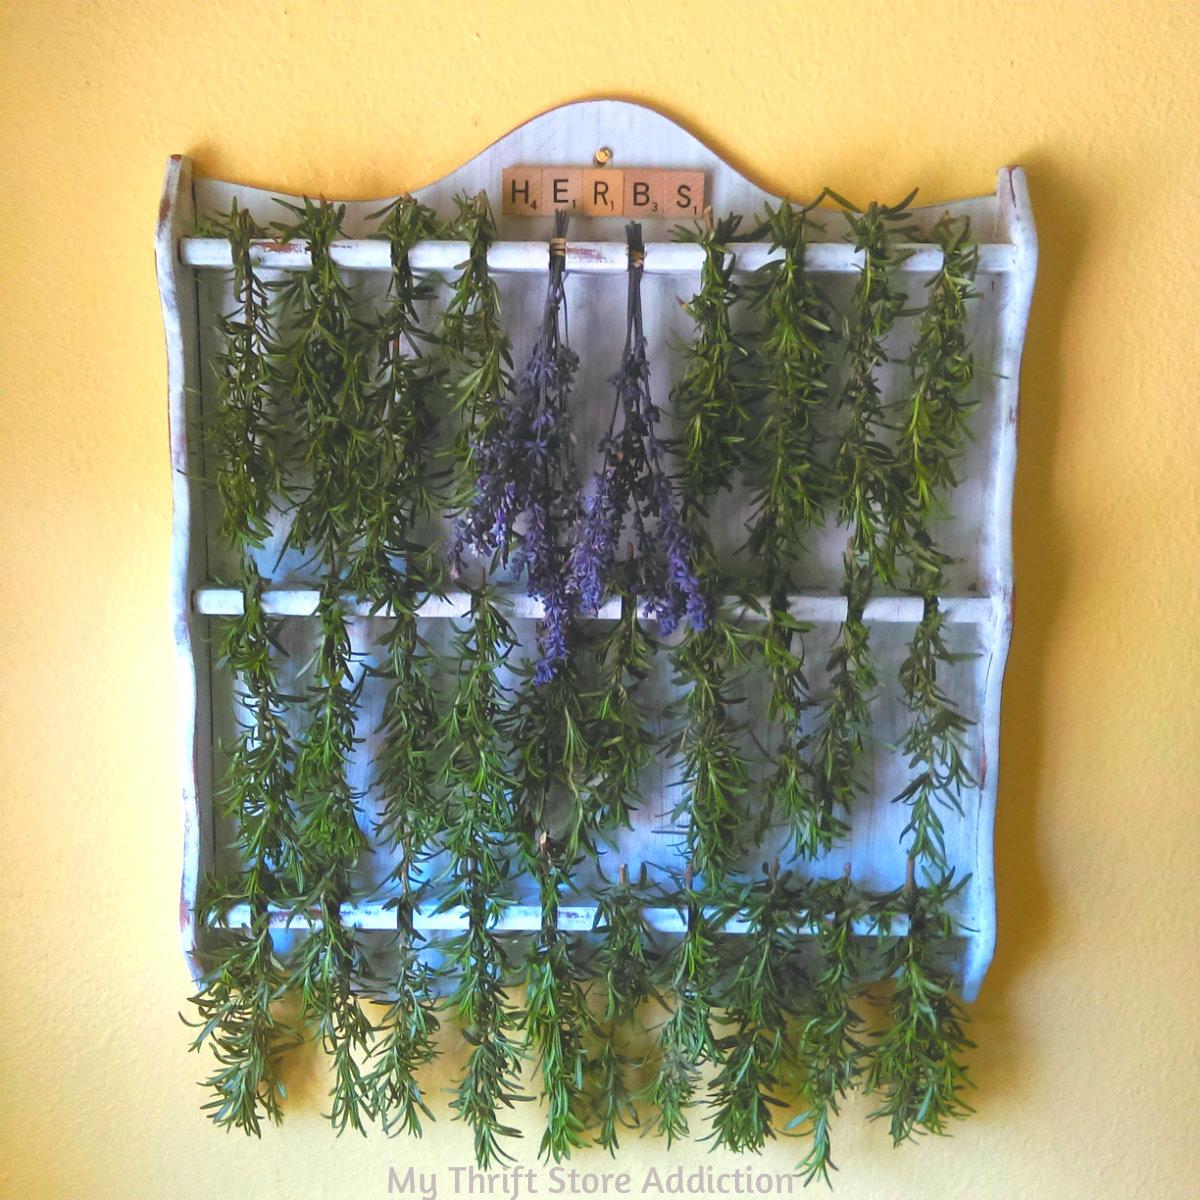 vintage spoon display repurposed herb drying rack